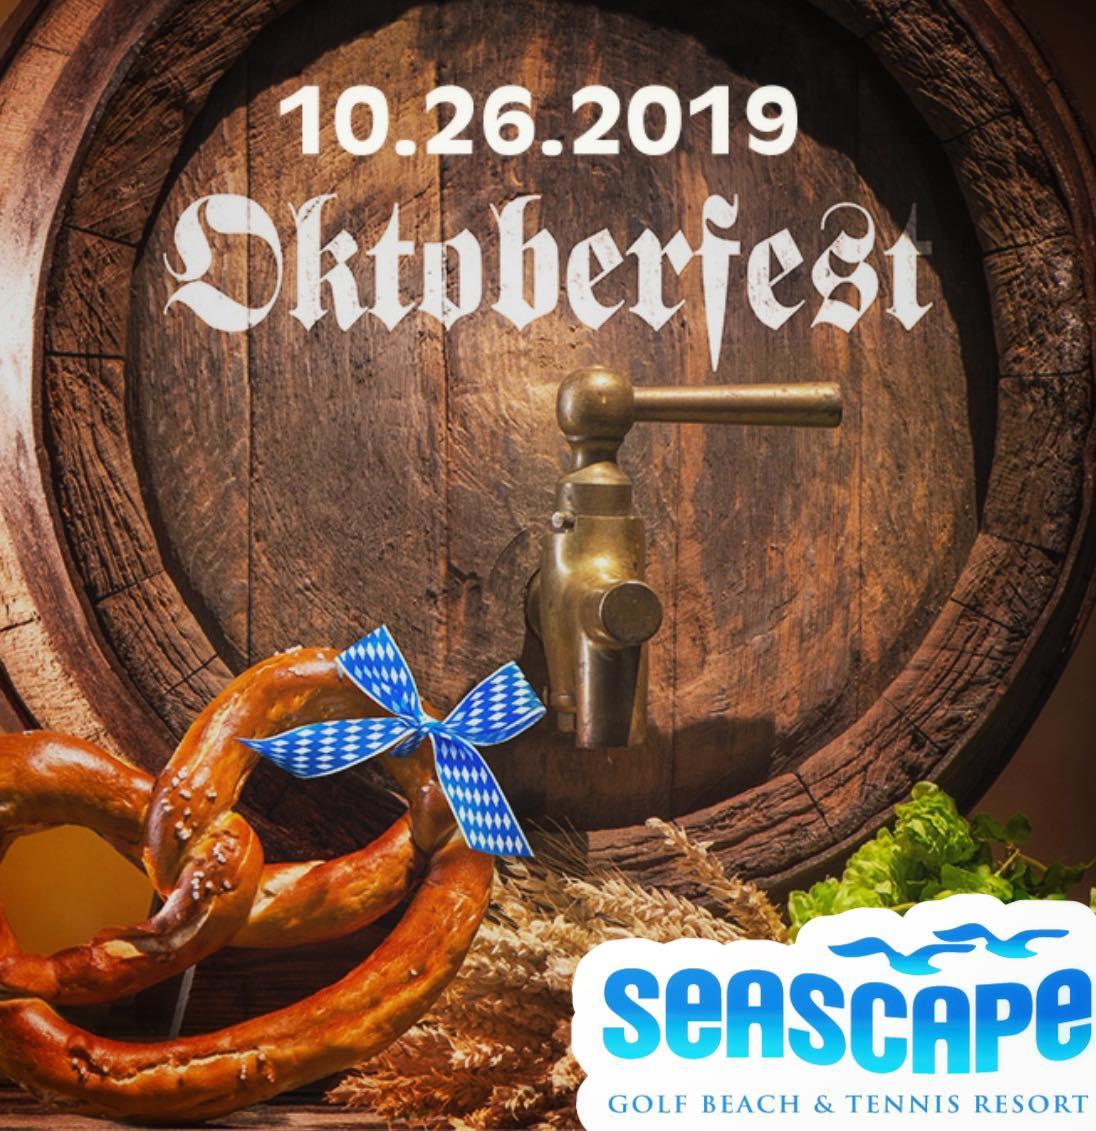 Oct,26 2019 Oktoberfest Seascape Towne Centre | Seascape Resort Destin Florida Events